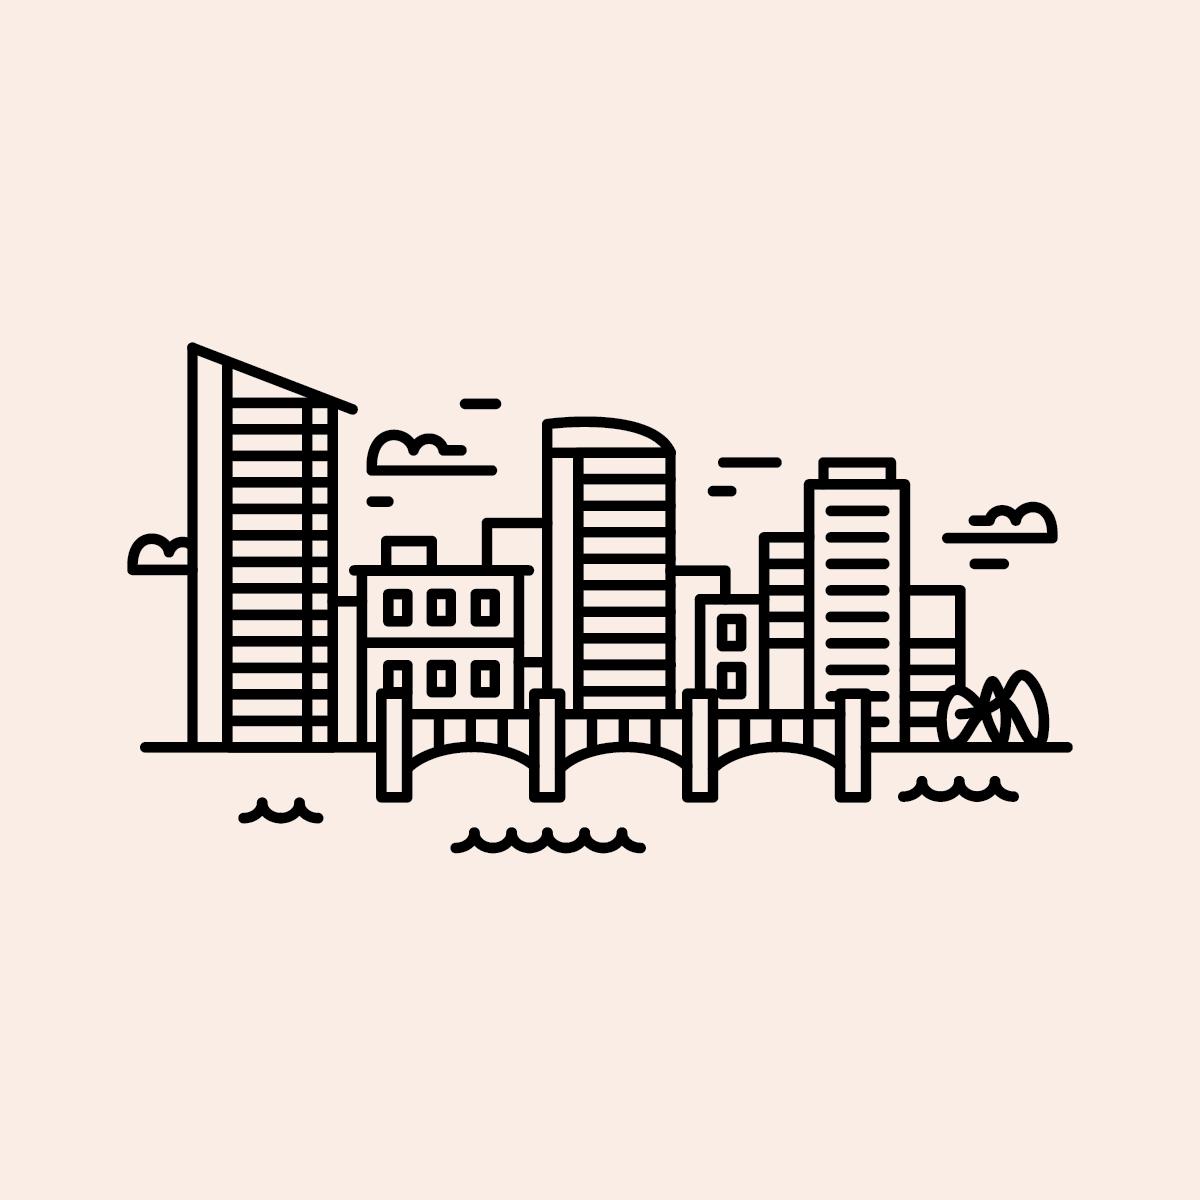 cad_hip_illustration-01.png